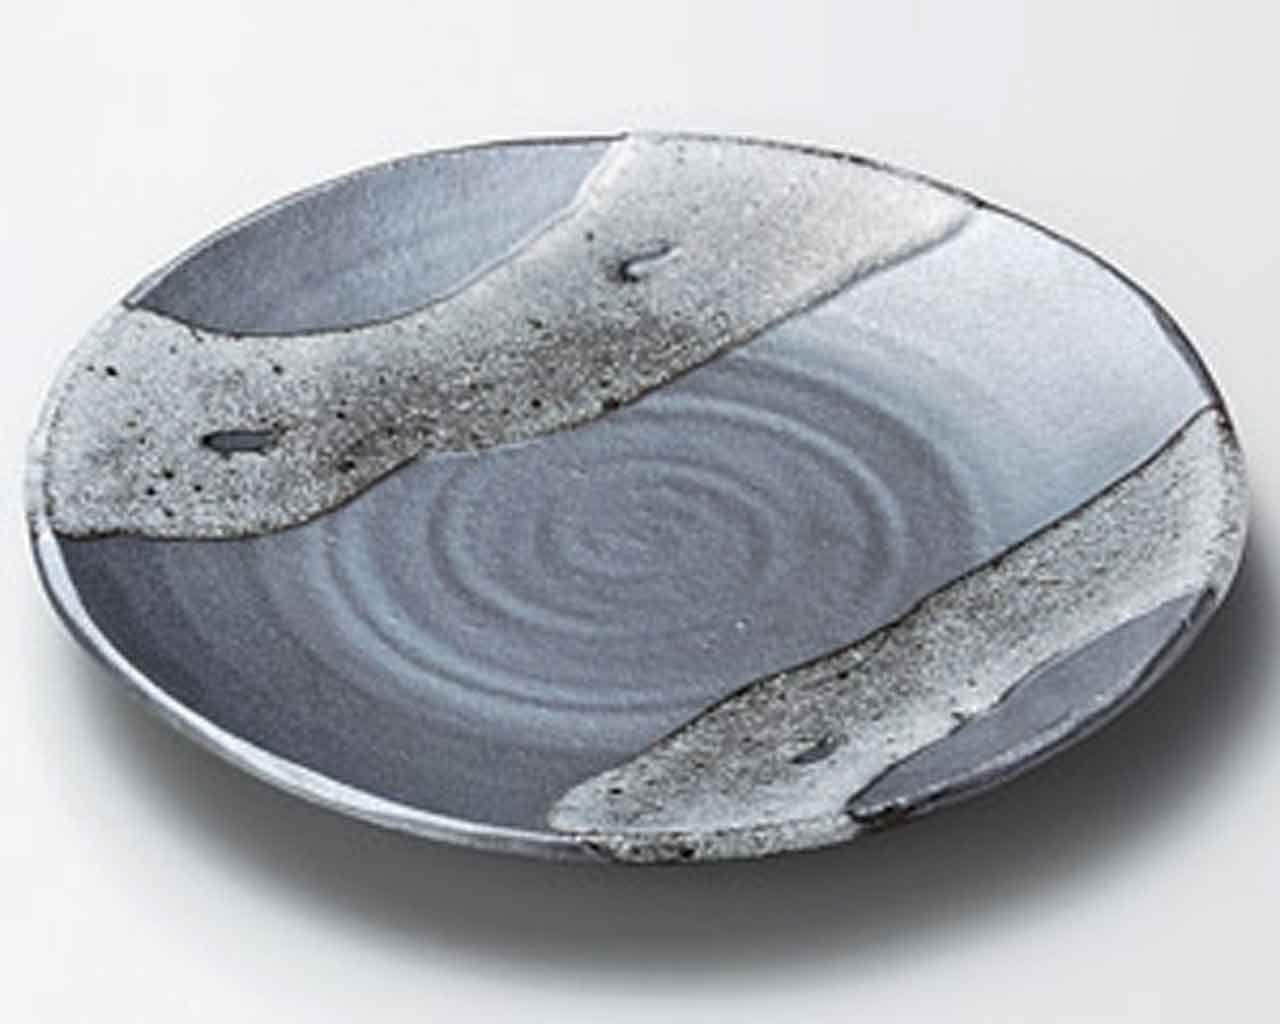 Tenmoku White 7.7inch Set of 5 Medium Plates Grey Ceramic Made in Japan